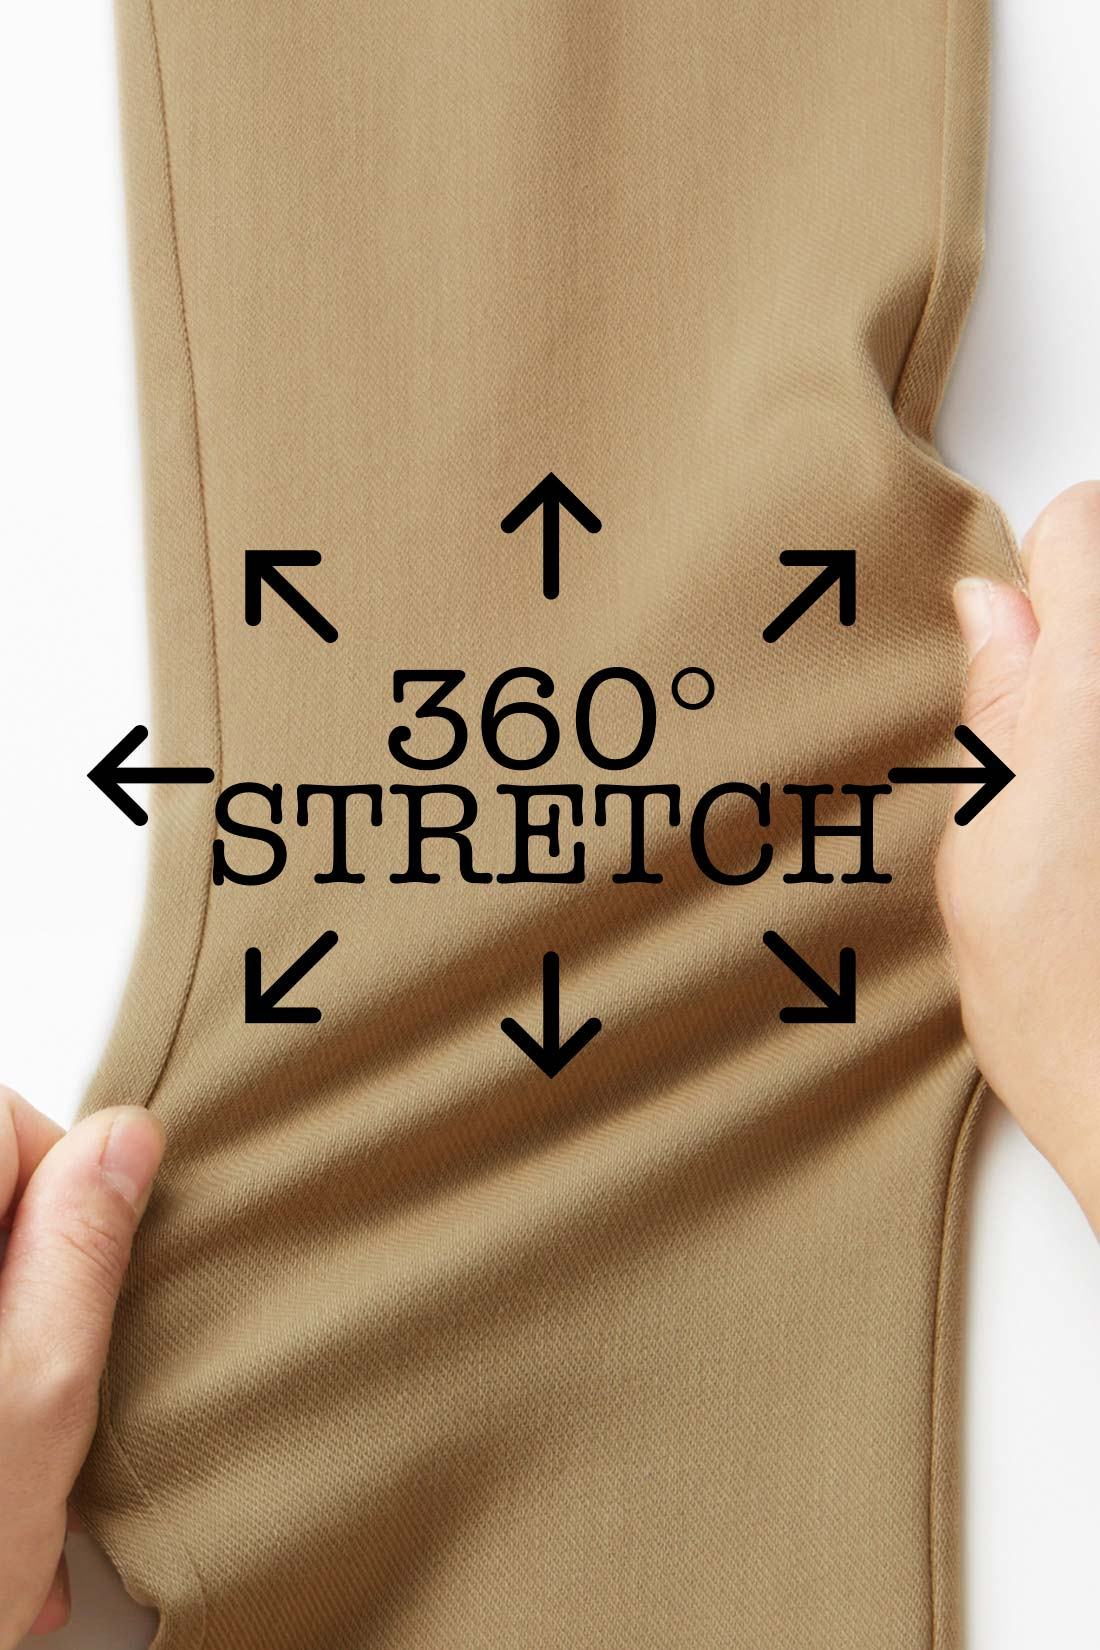 360°ストレッチでひざも太ももものびのびらくちん。 ※お届けするカラーとは異なります。